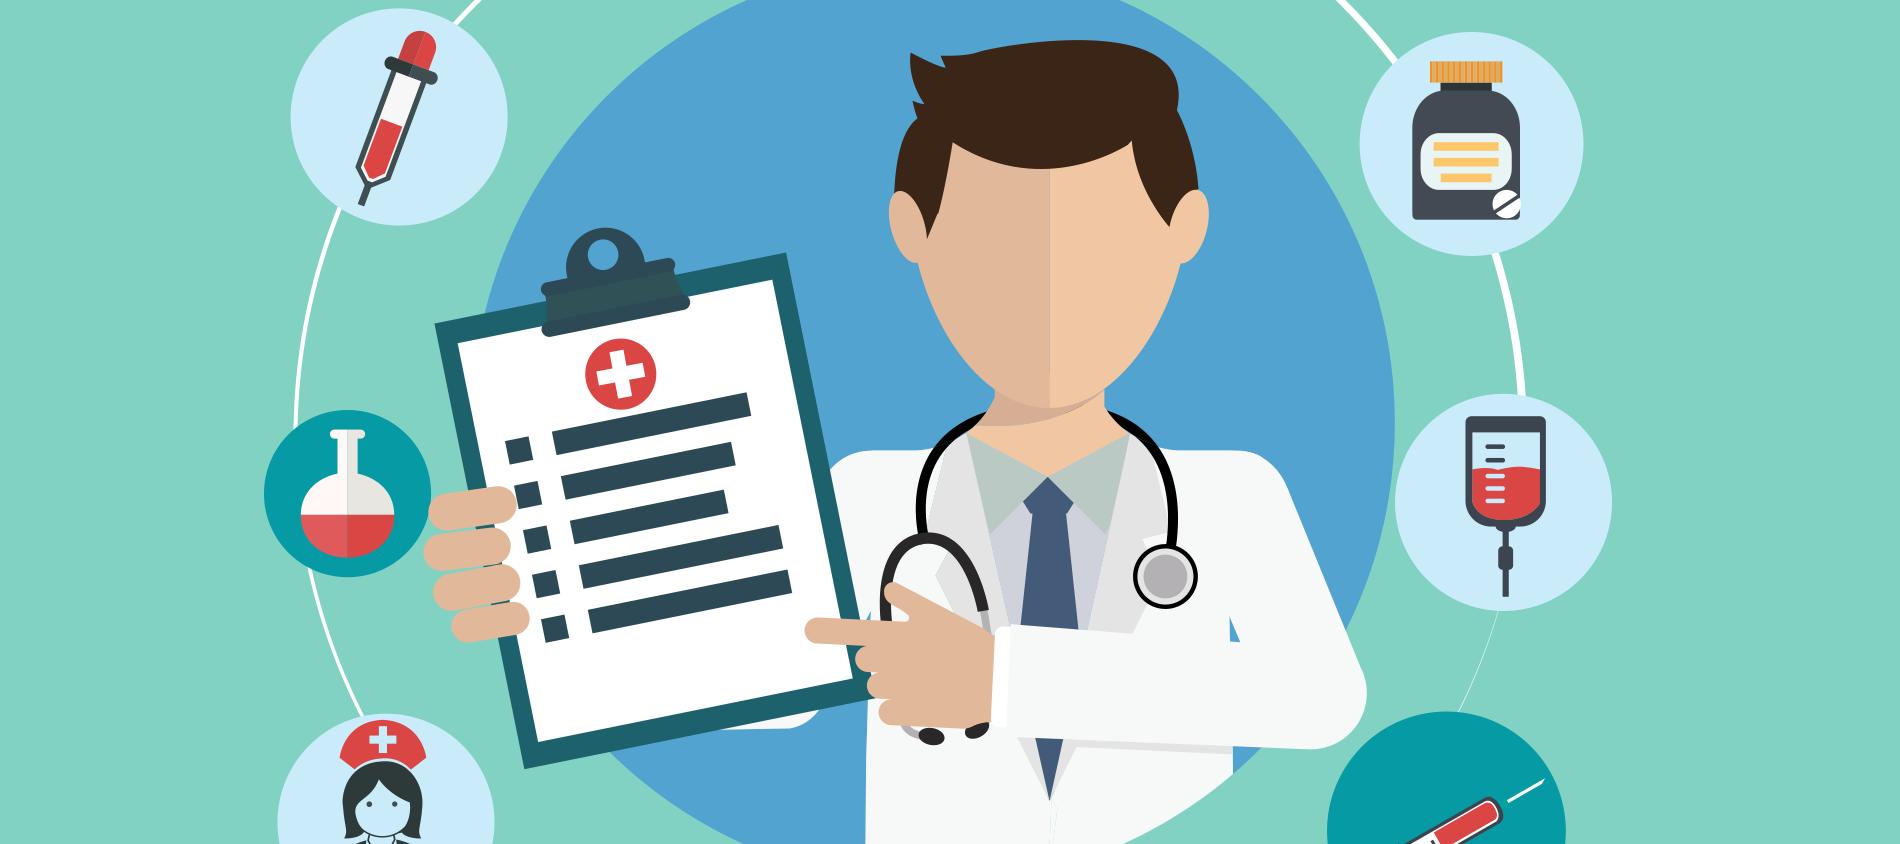 Como-puedo-generar-mas-confianza-y-seguridad-en-los-pacientes.png